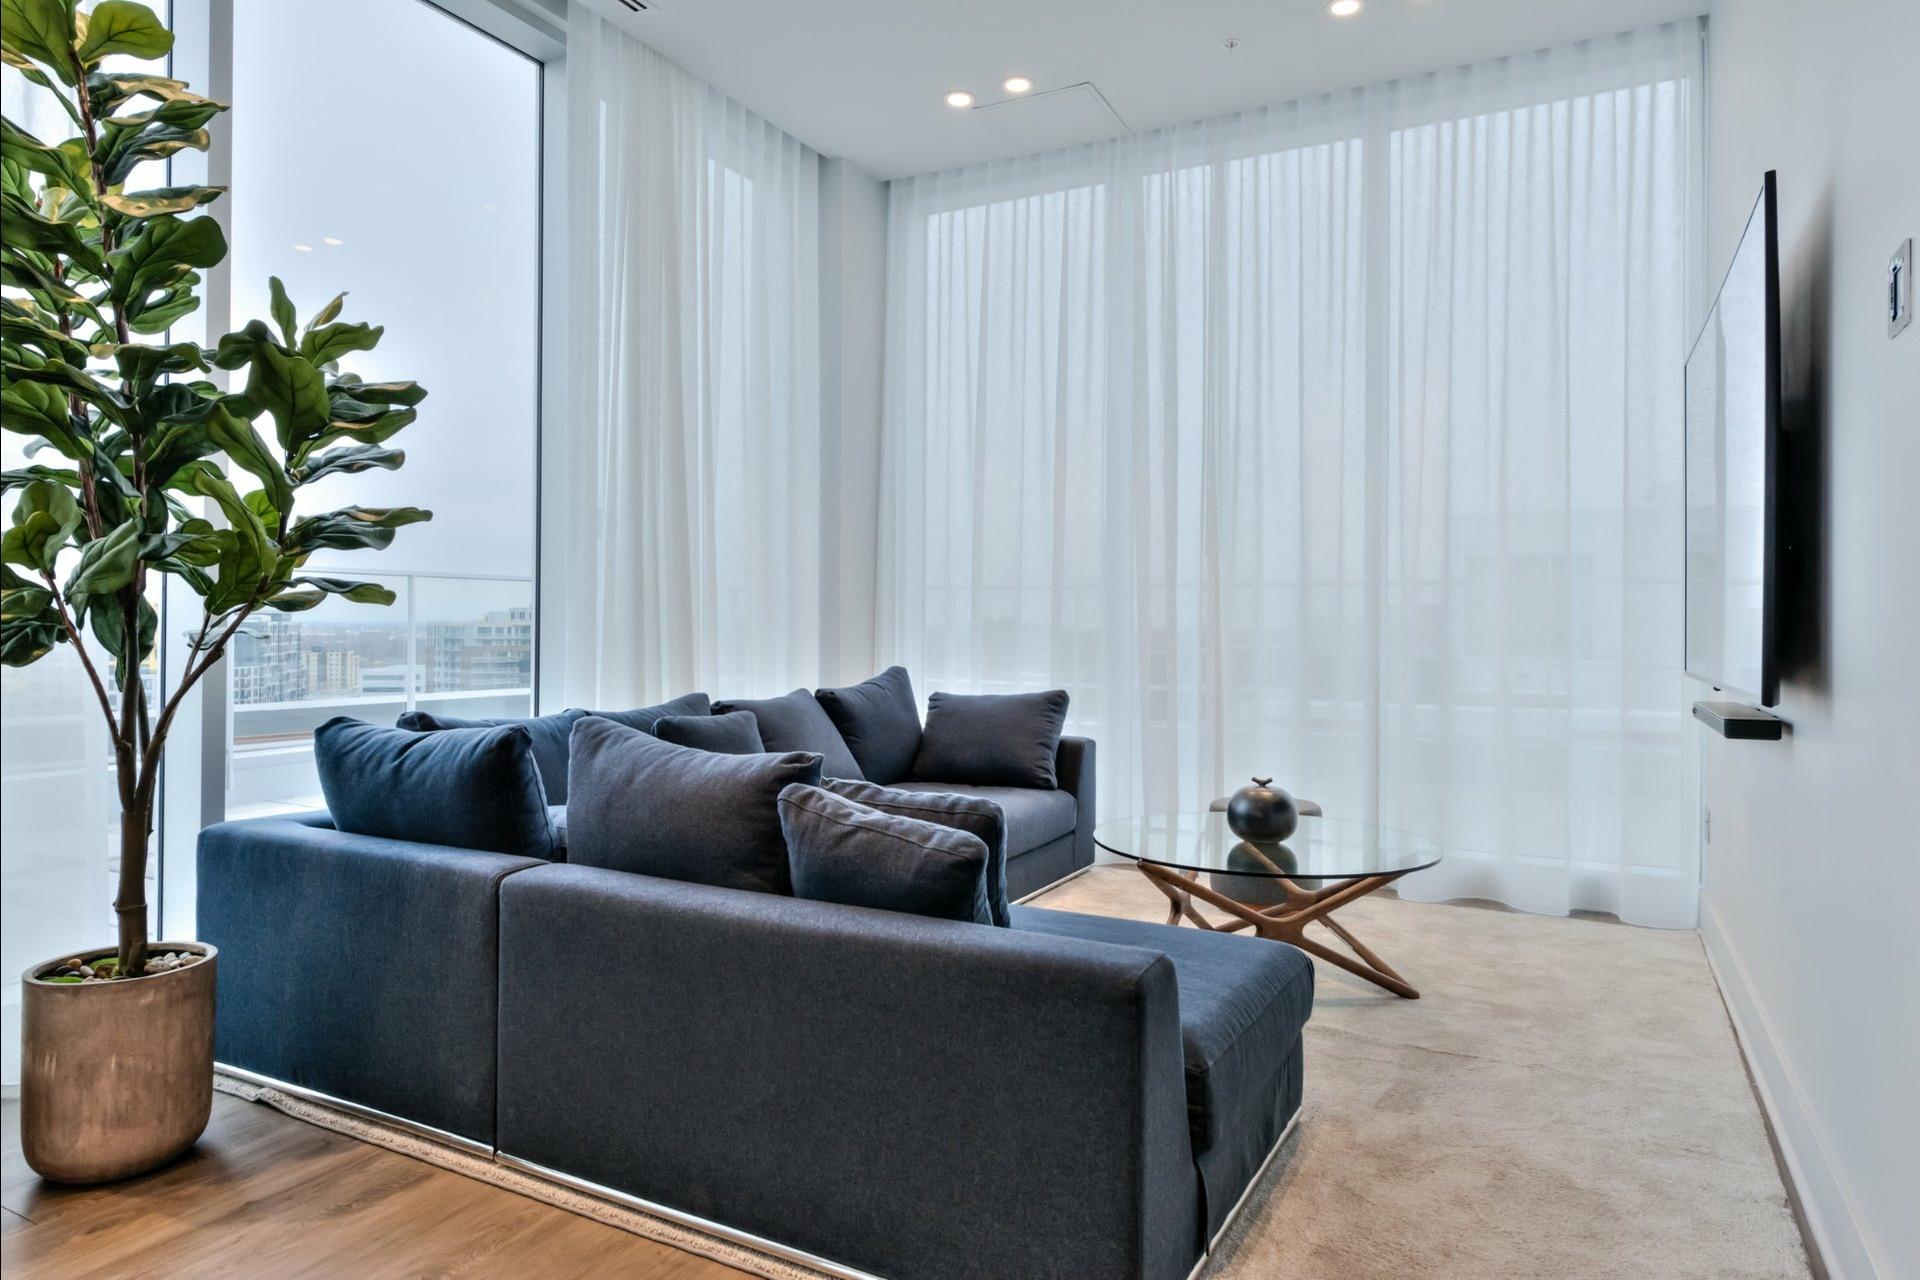 image 21 - 公寓 出售 Côte-des-Neiges/Notre-Dame-de-Grâce Montréal  - 4 室